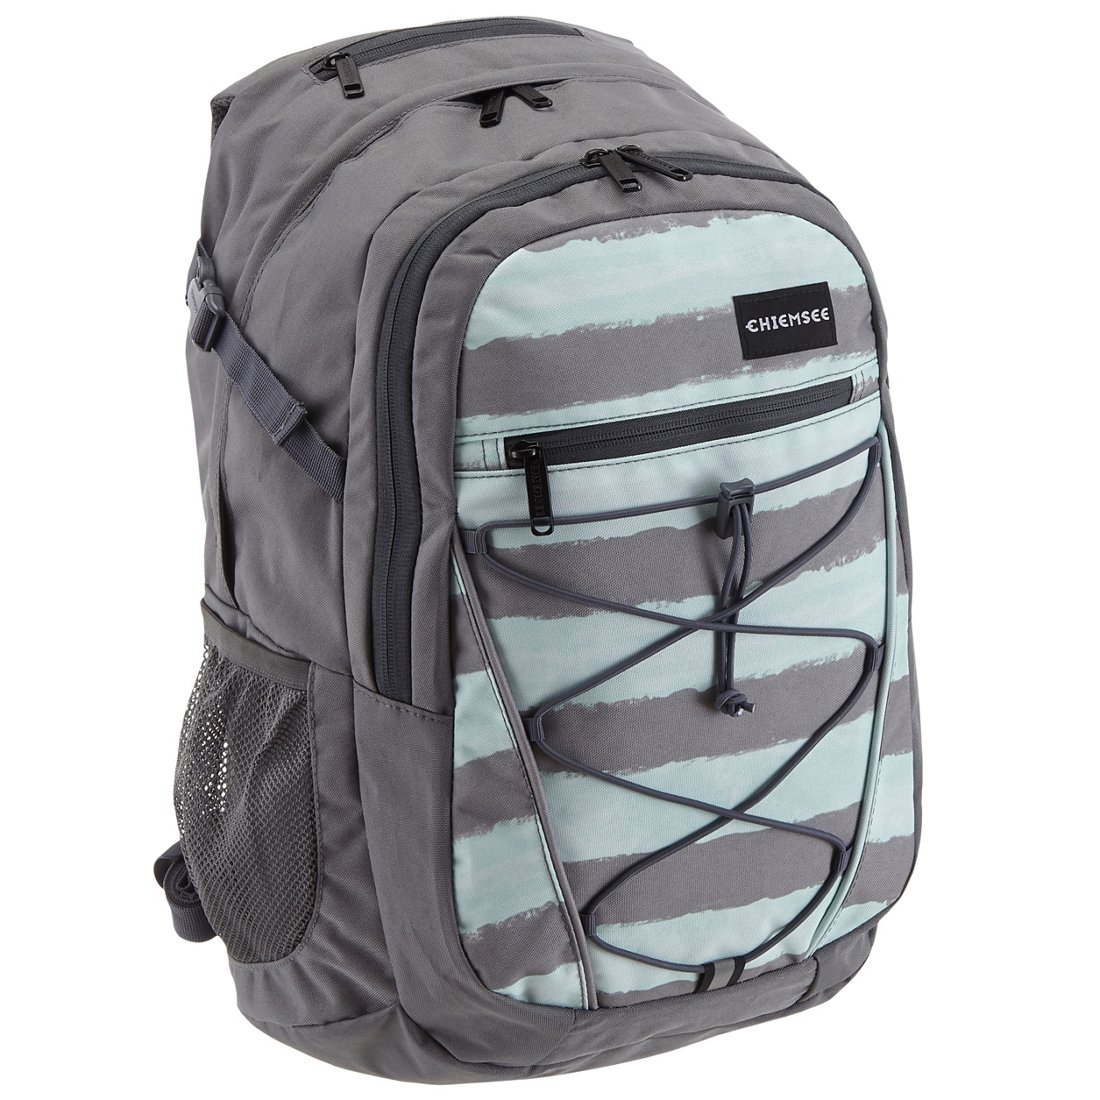 2427effa82d45 Chiemsee Sports   Travel Bags Herkules Rucksack 50 cm - koffer-direkt.de